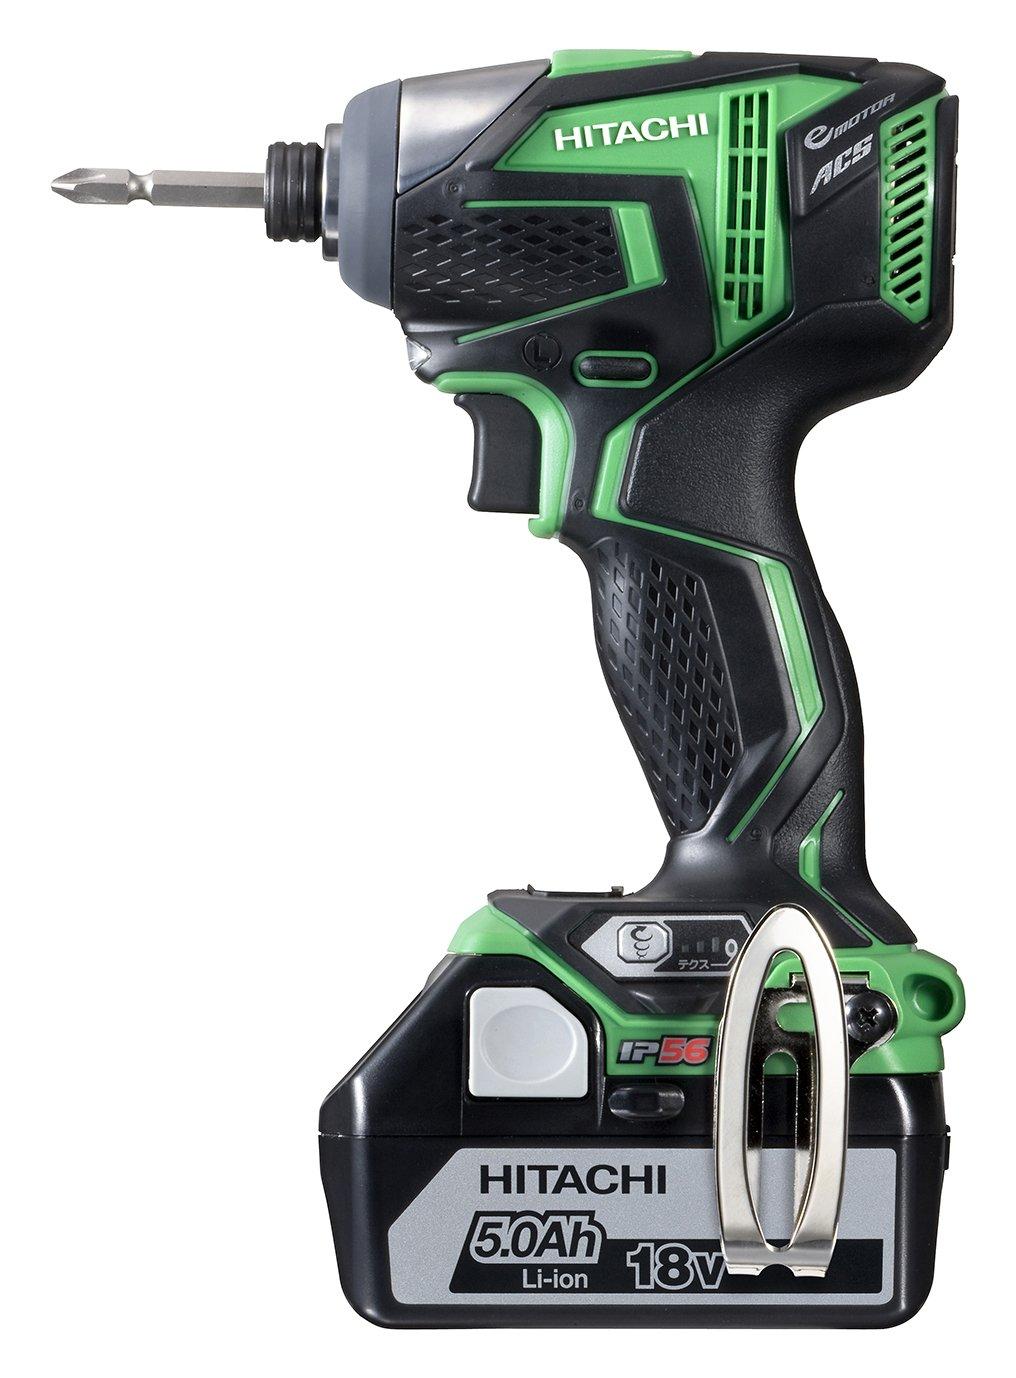 日立工機 18V コードレスインパクトドライバー 充電式 5.0Ahリチウムイオン電池、充電器、予備電池、ケース付 グリーン WH18DDL(2LJCK)(L) B00FIUYT9U 緑 緑